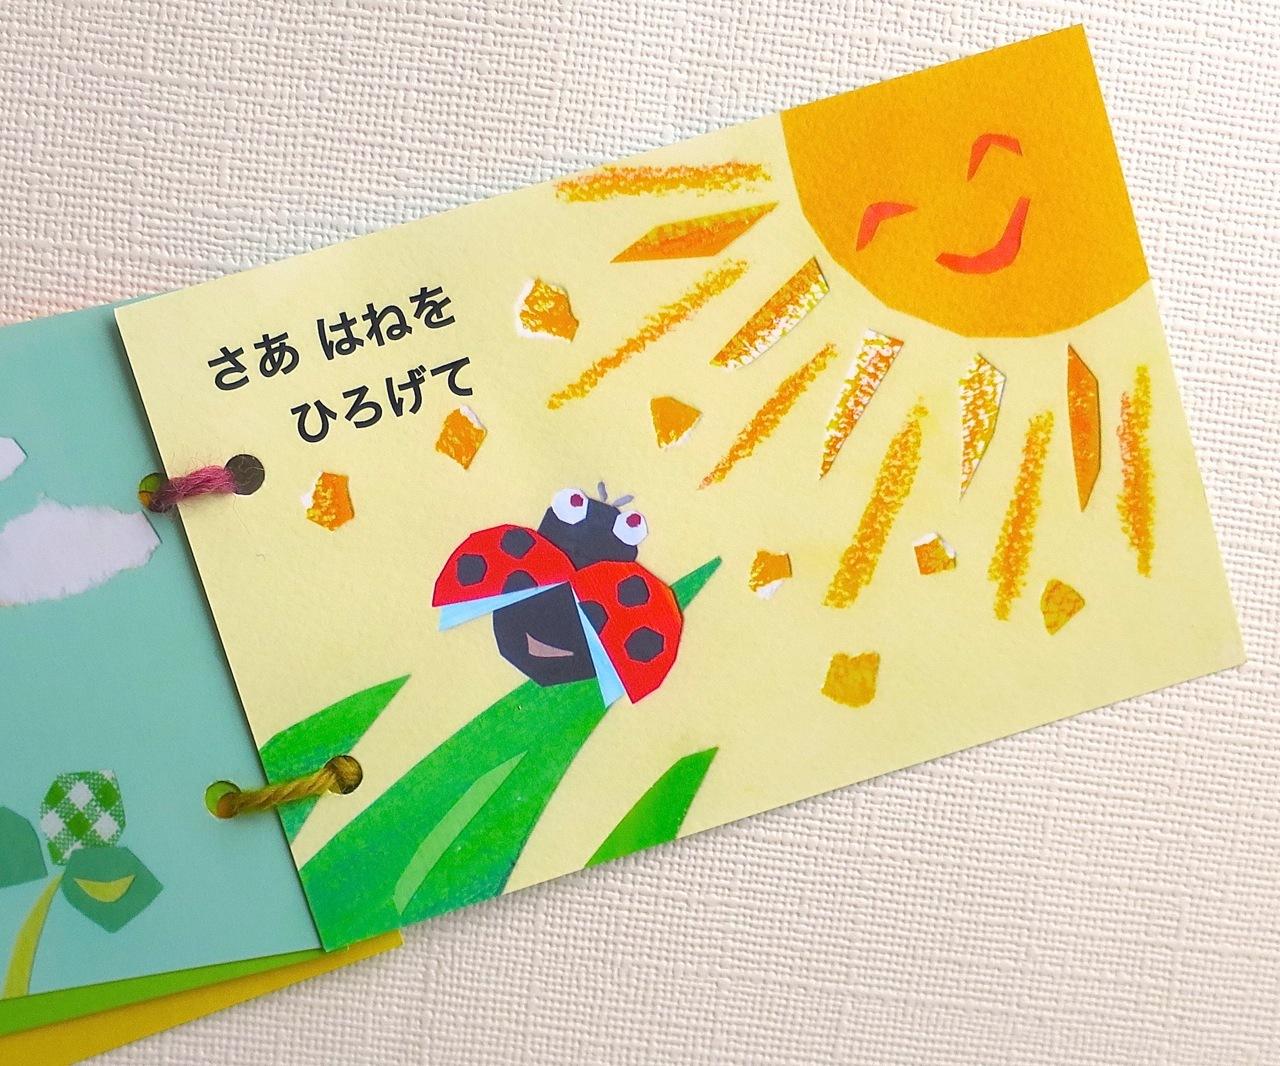 タムタムの虹色えほん4「てんとうむし」_b0181015_13551356.jpg